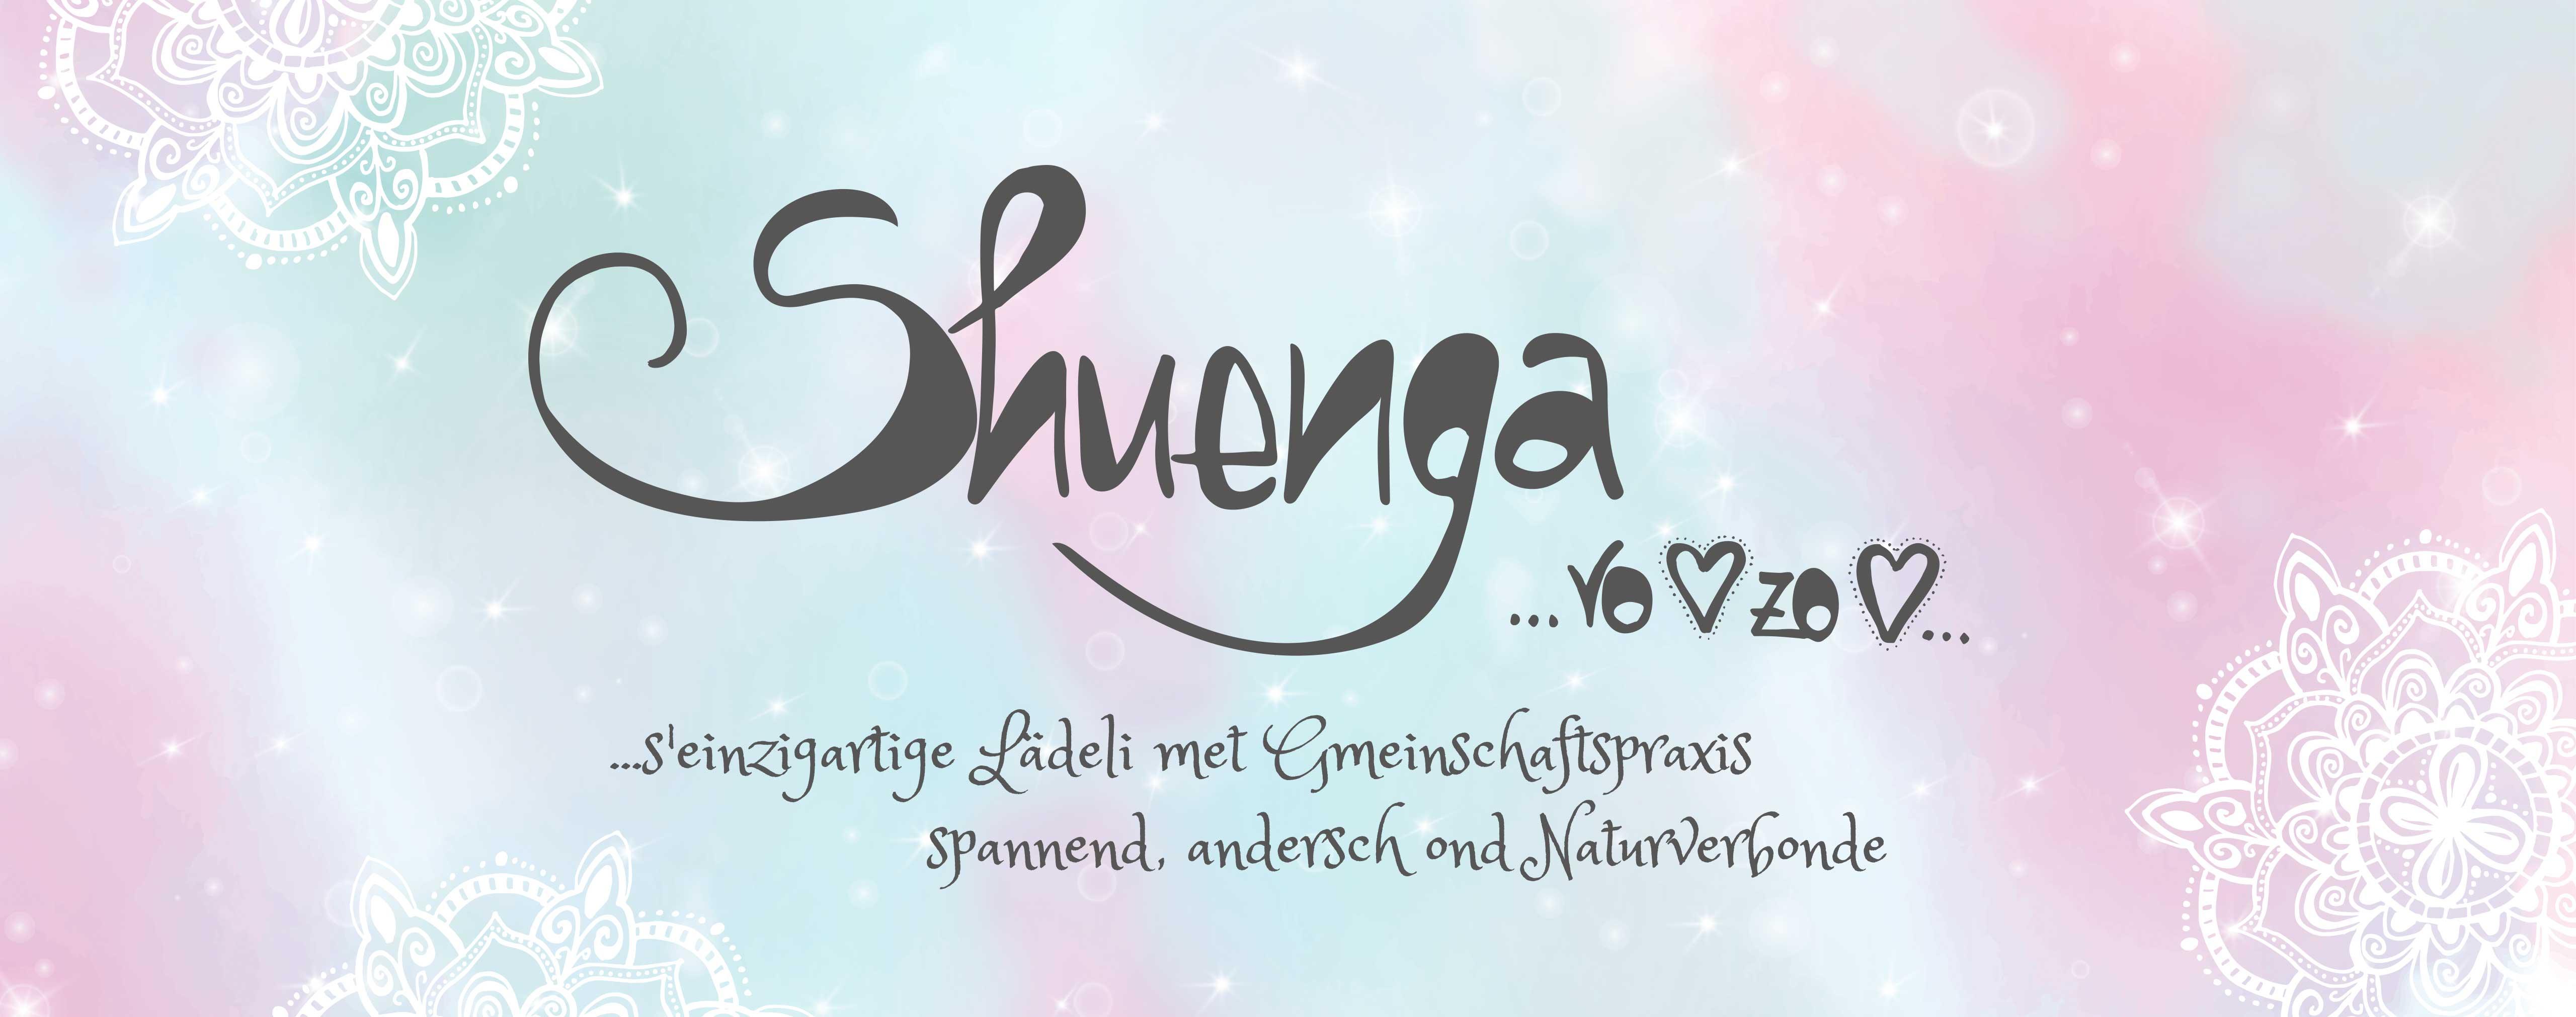 Shuenga